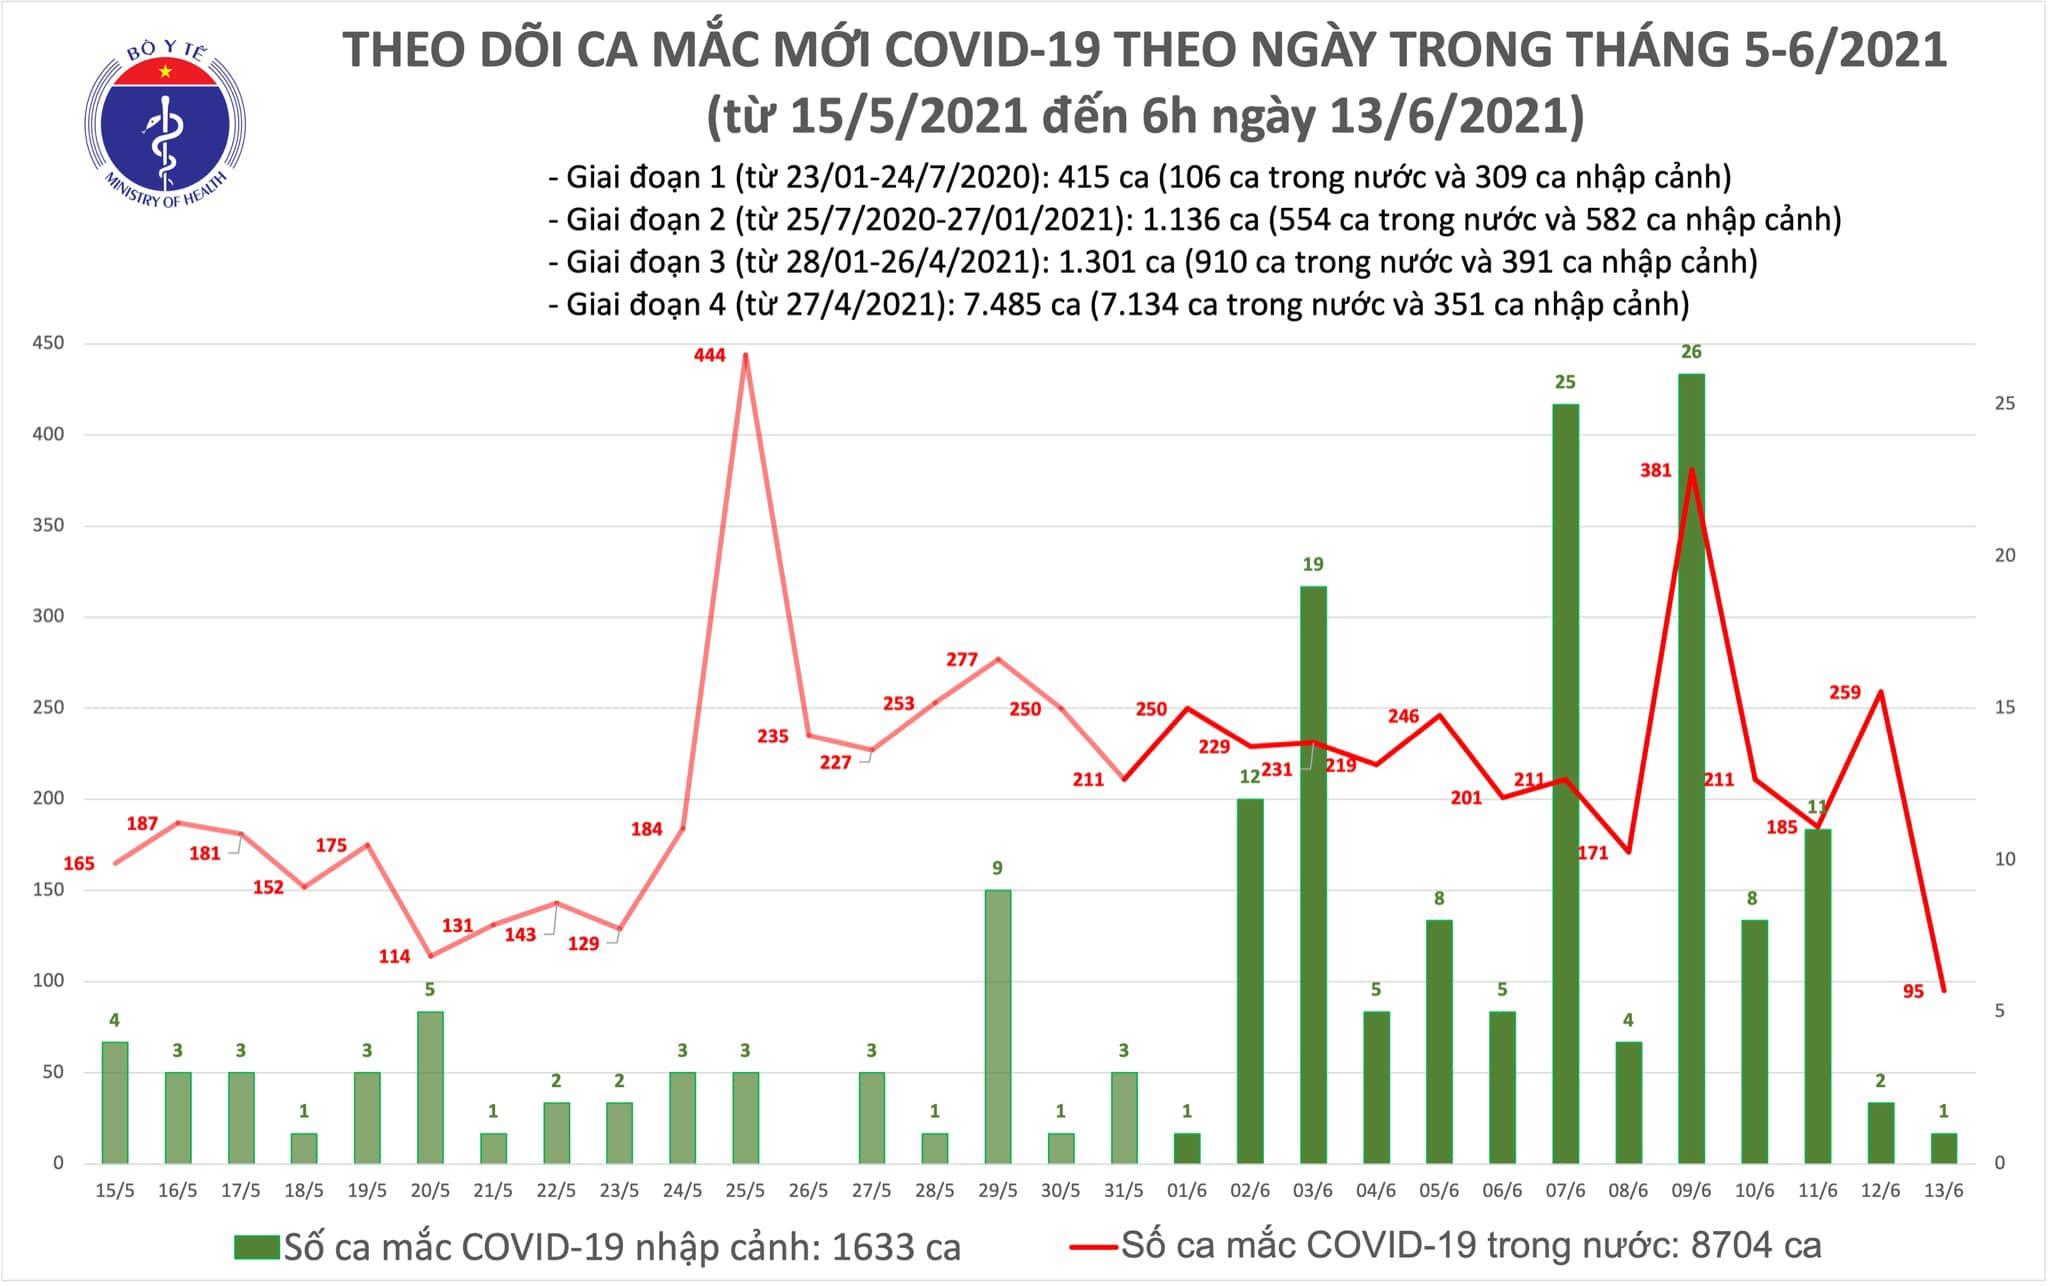 Sáng 13/6, Việt Nam ghi nhận thêm 95 ca mắc Covid-19 trong nước tại 6 tỉnh, thành phố